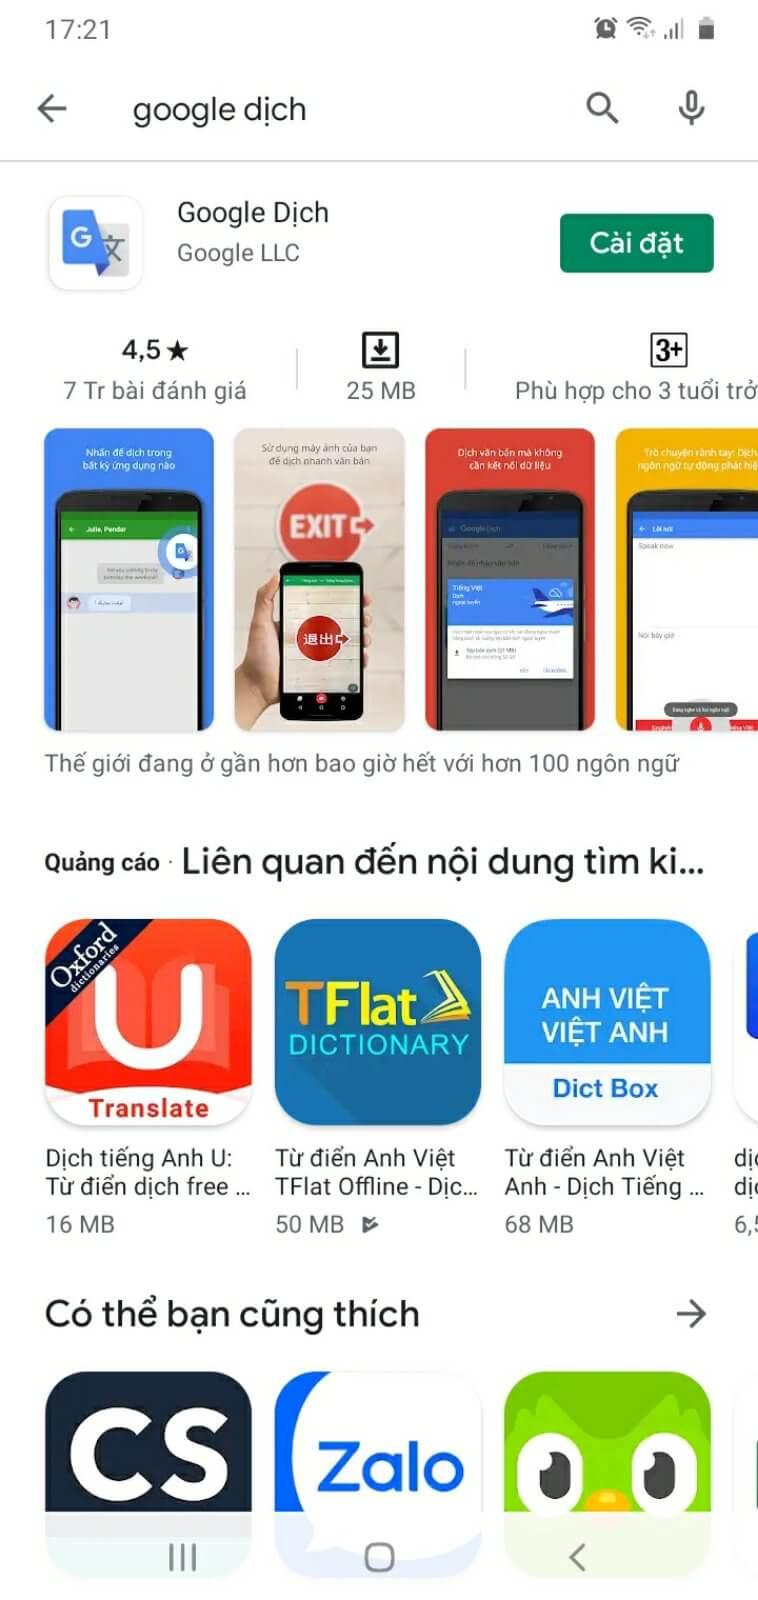 Tải và cài đặt tính năng Google dịch hình ảnh trên điện thoại